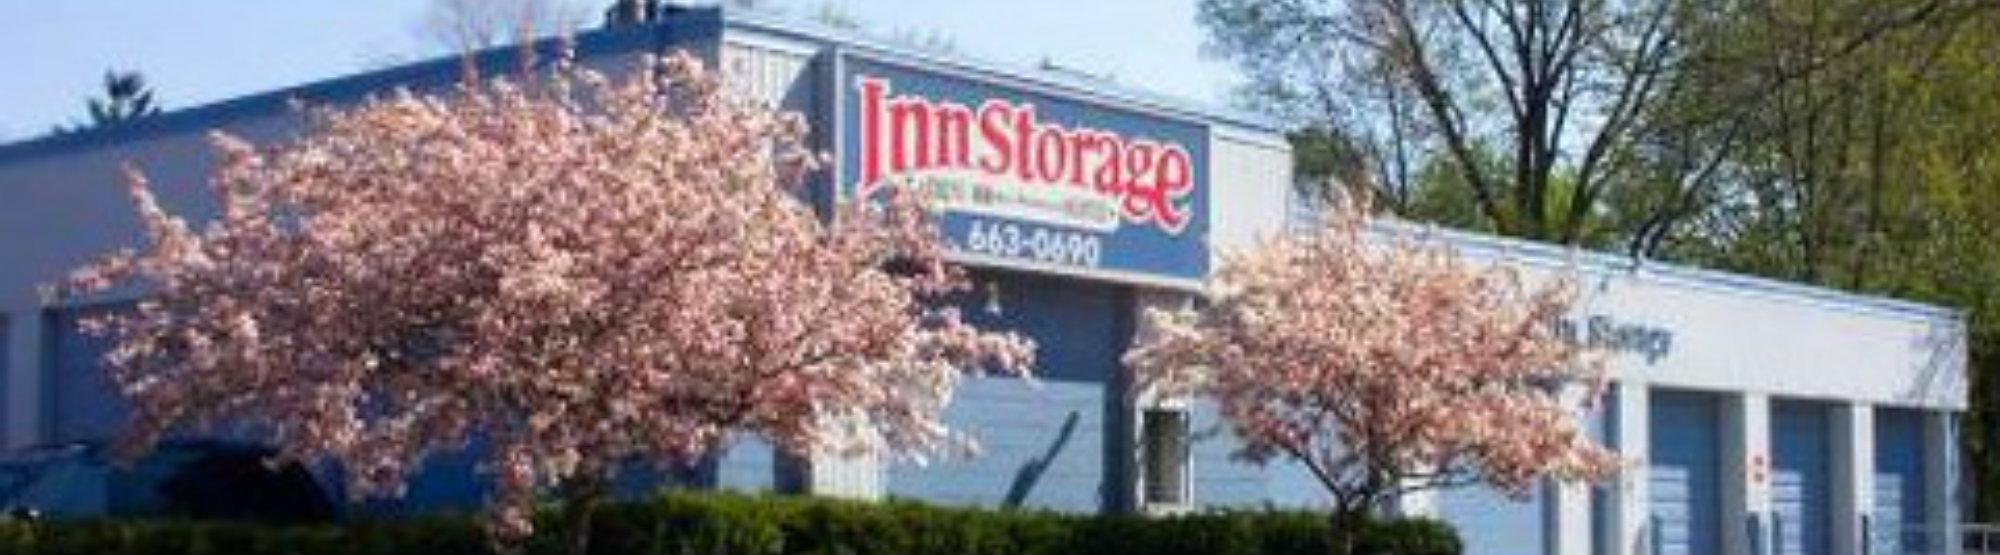 Inn Storage